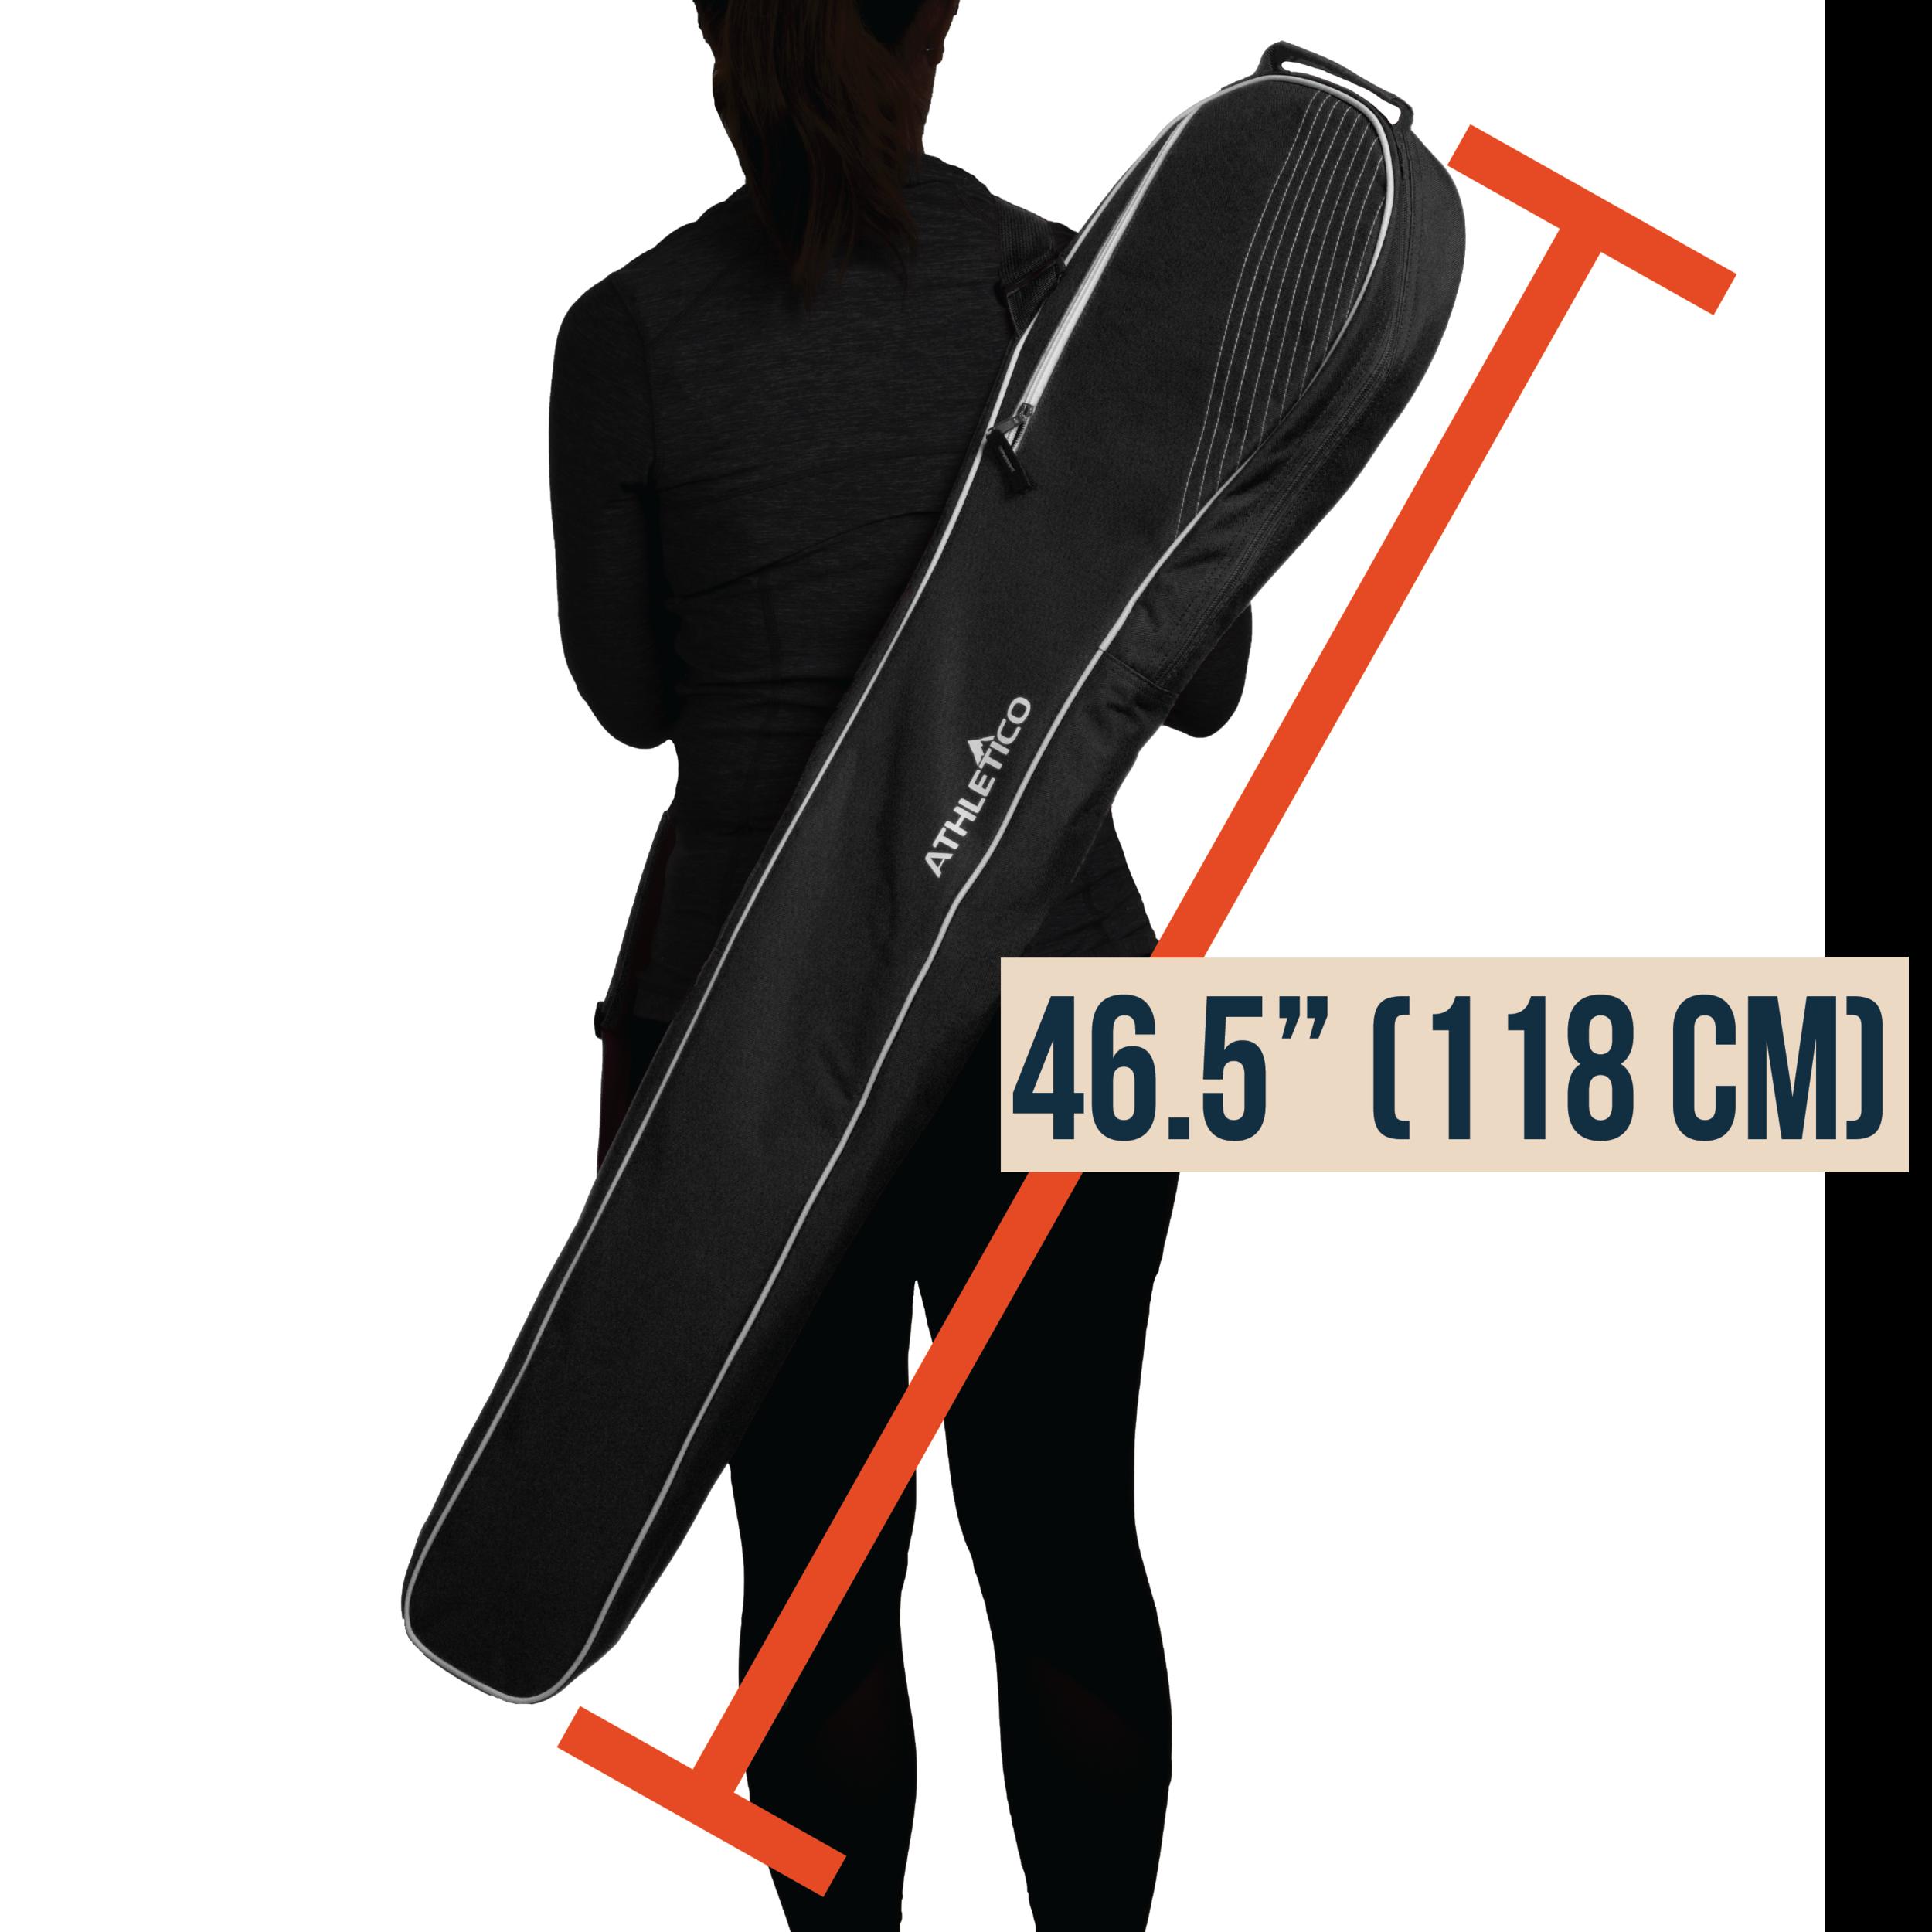 Stick Bag Listing - Blk3.png